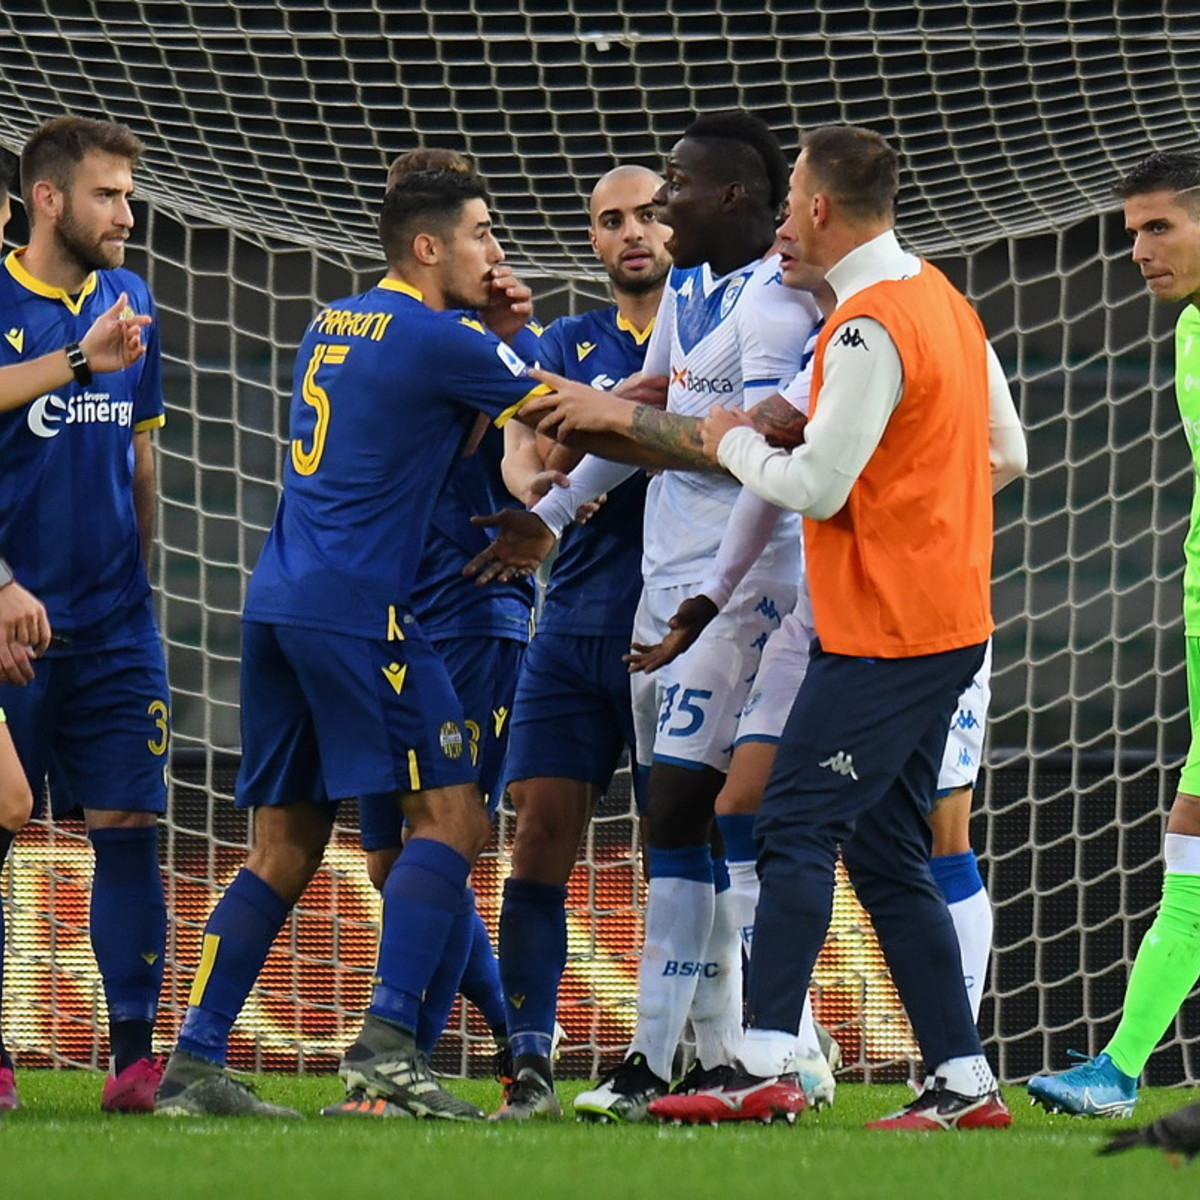 Verona-Brescia, cori razzisti a Balotelli: l'arbitro ferma il gioco